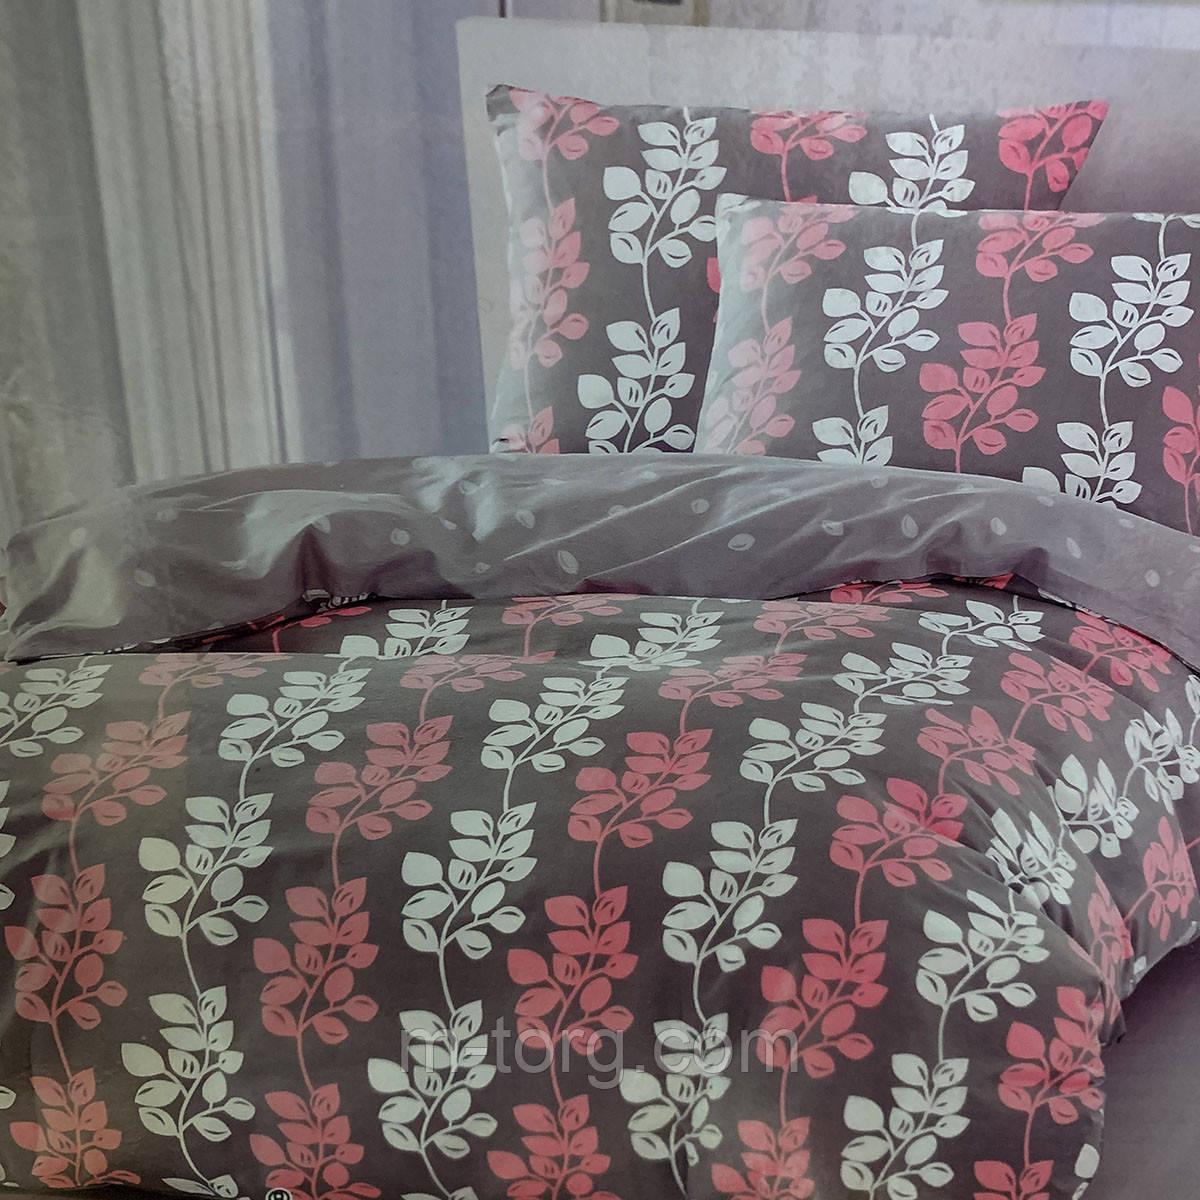 """""""цветочное"""" постельное белье Elway Premium евро размер 200*220 см, ткань сатин 100% хлопок"""